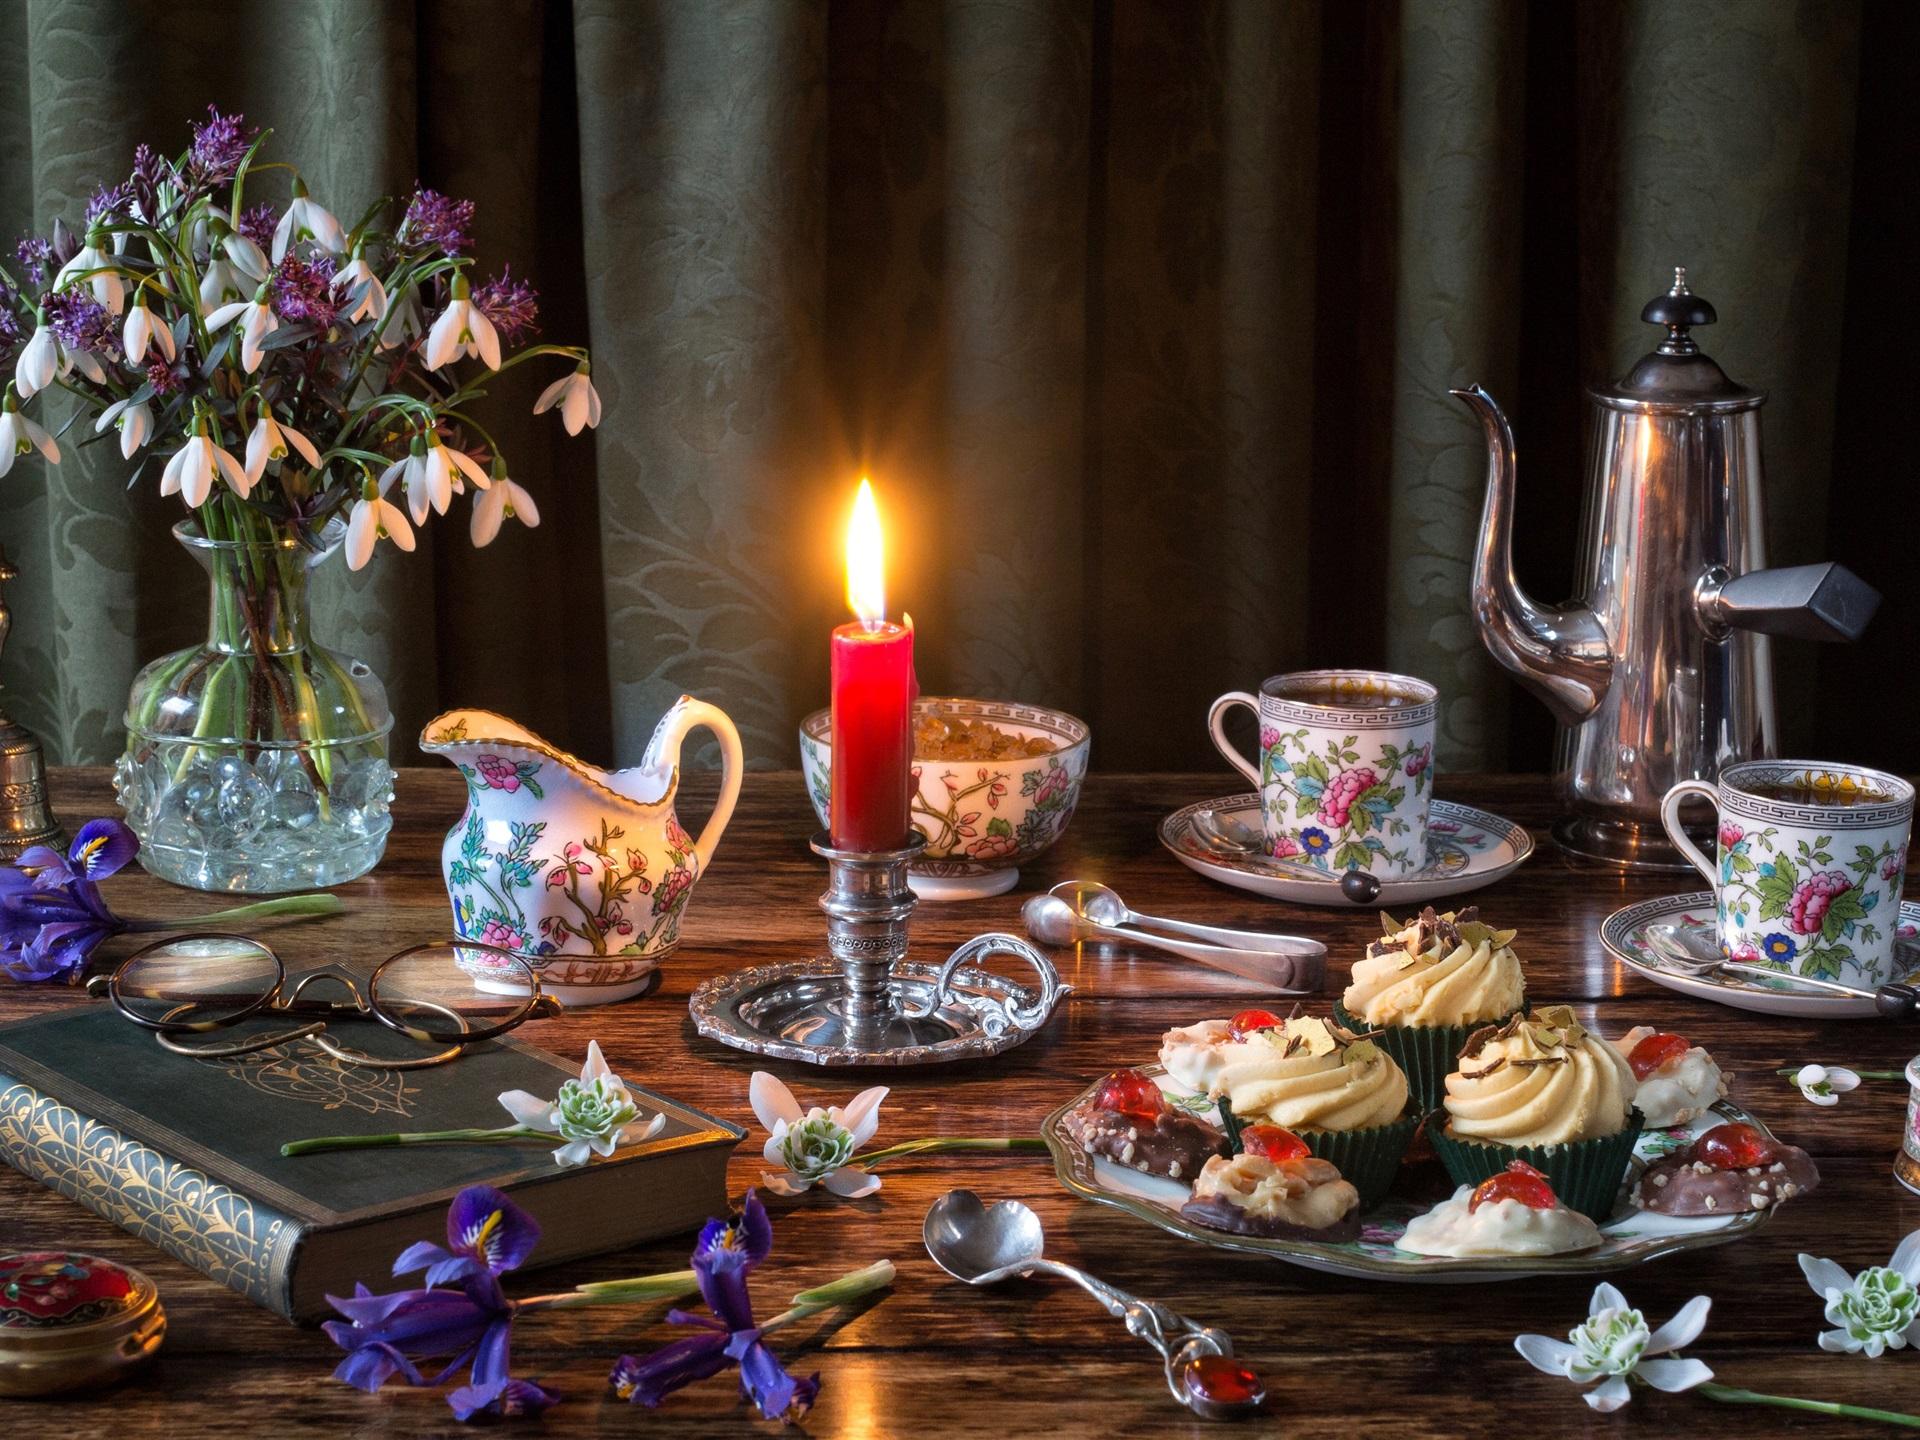 черта вечерний чай картинки доброго вечера одежде могут появиться